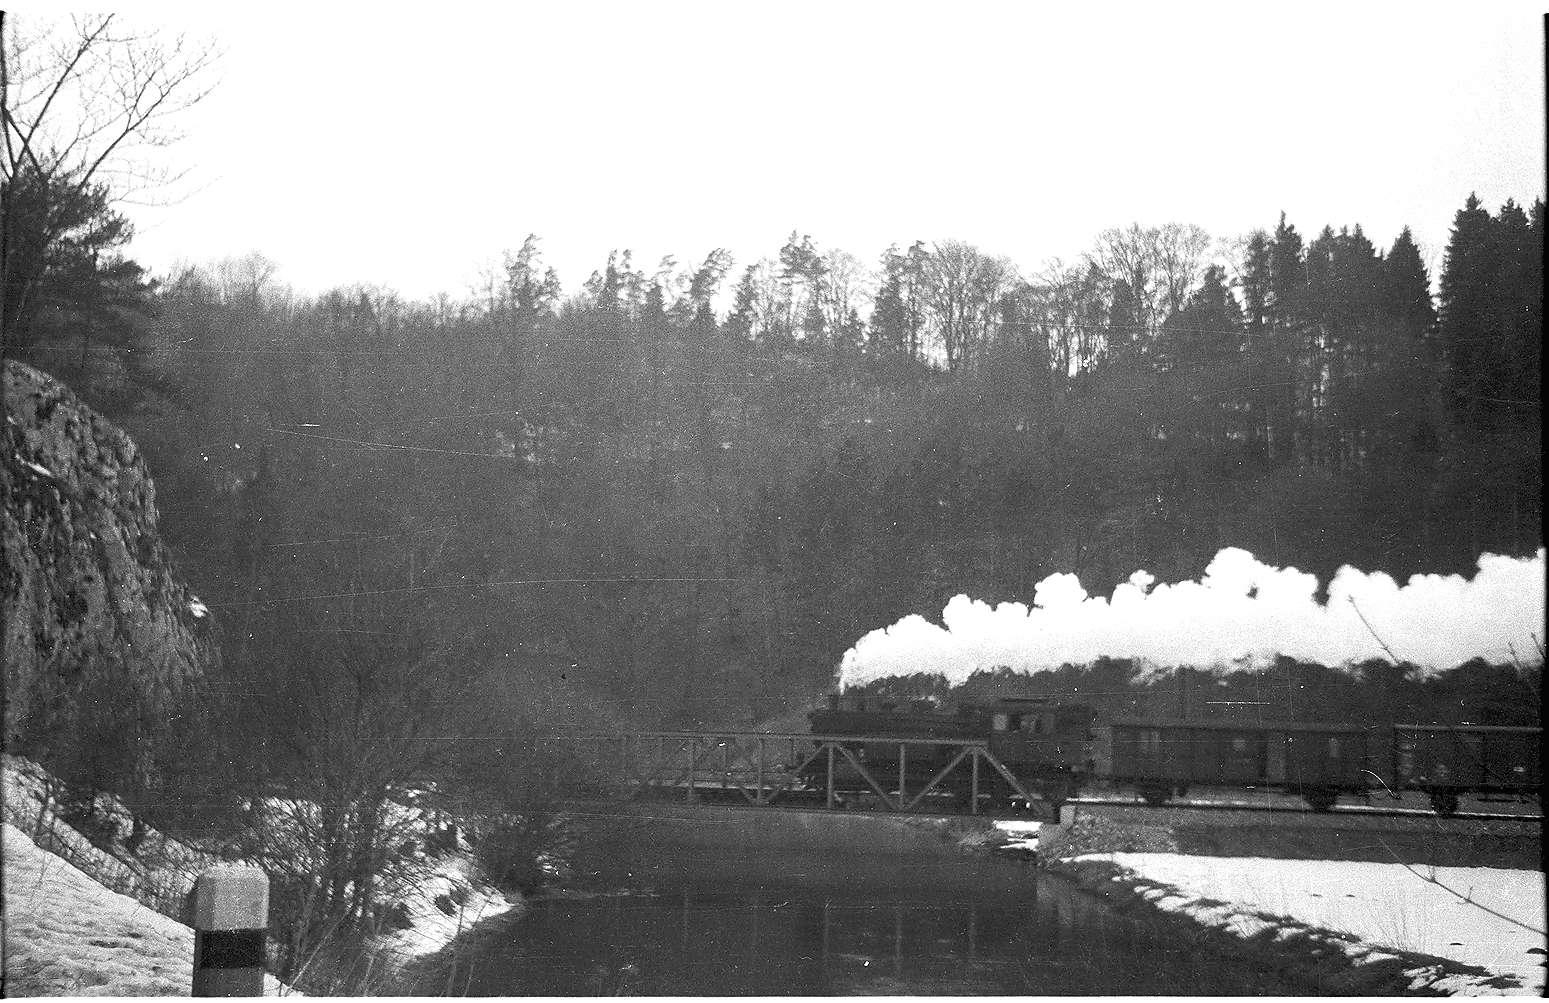 Lok 15, 313, Brücke Veringenstadt, erbaut 1908, verstärkt 1989, Bild 1